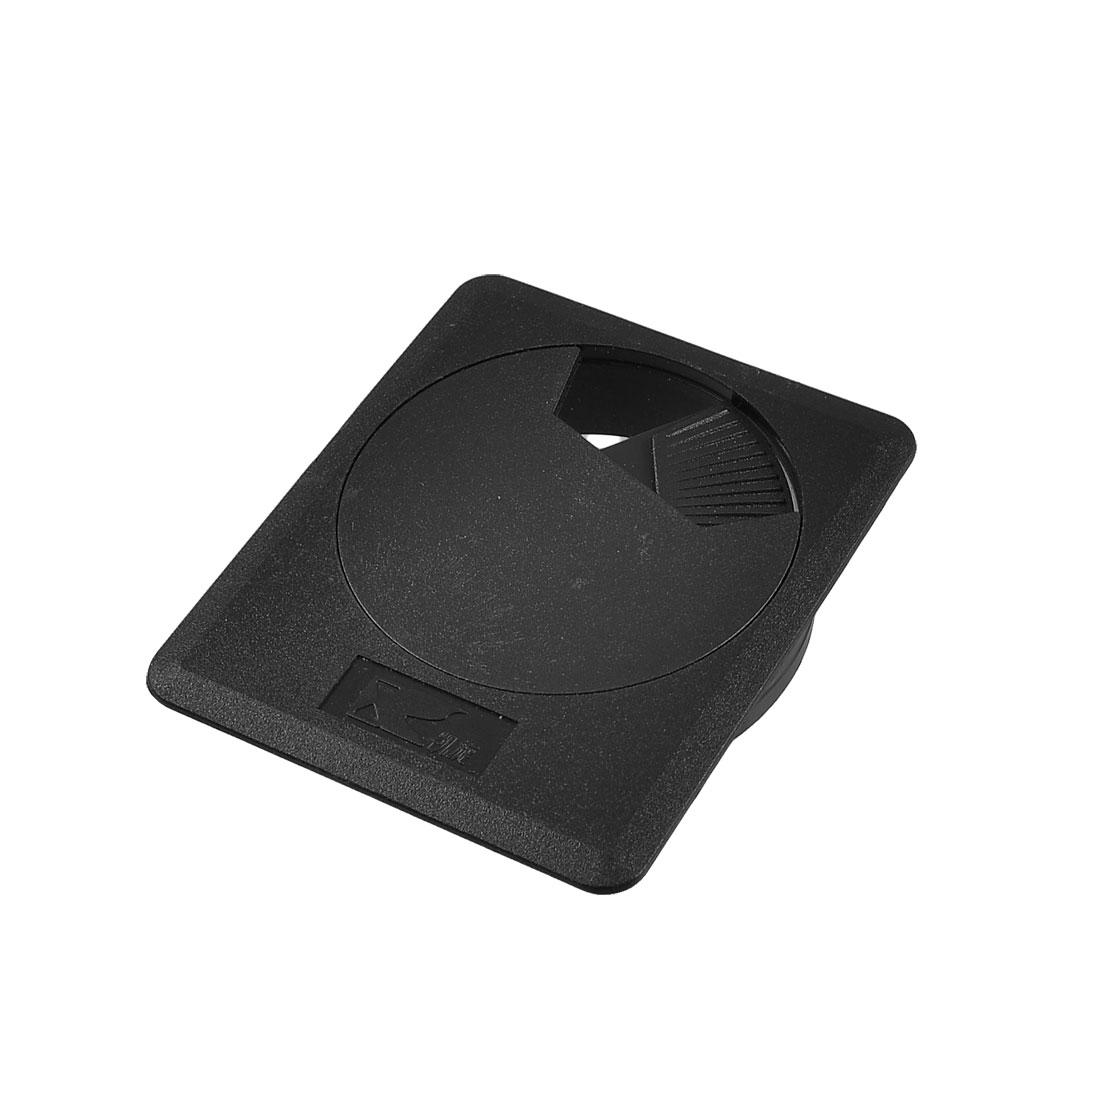 60mm Plastic Desktop Table Cable Cover Grommet Organizer Black